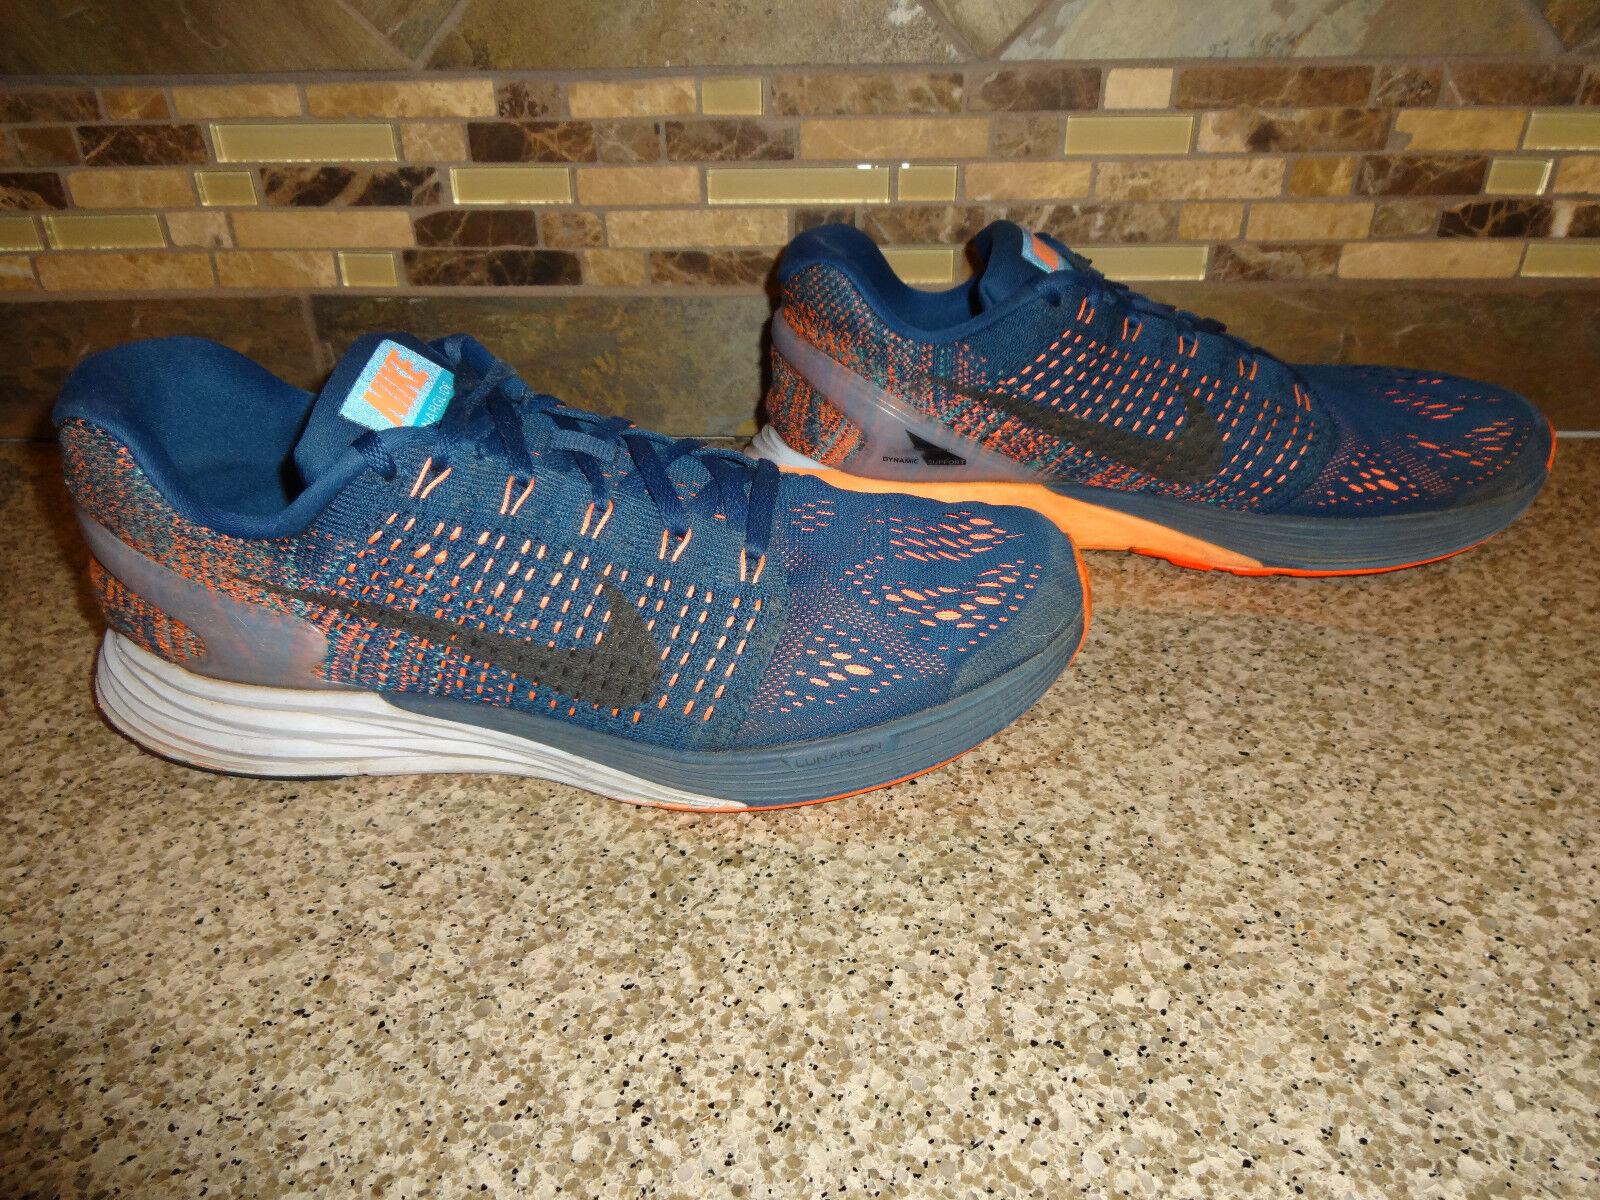 Hombre sz 8.5/42 / Nike lunarglide 7 Azul / 8.5/42 naranja zapatos atléticos el último descuento zapatos para hombres y mujeres 643337